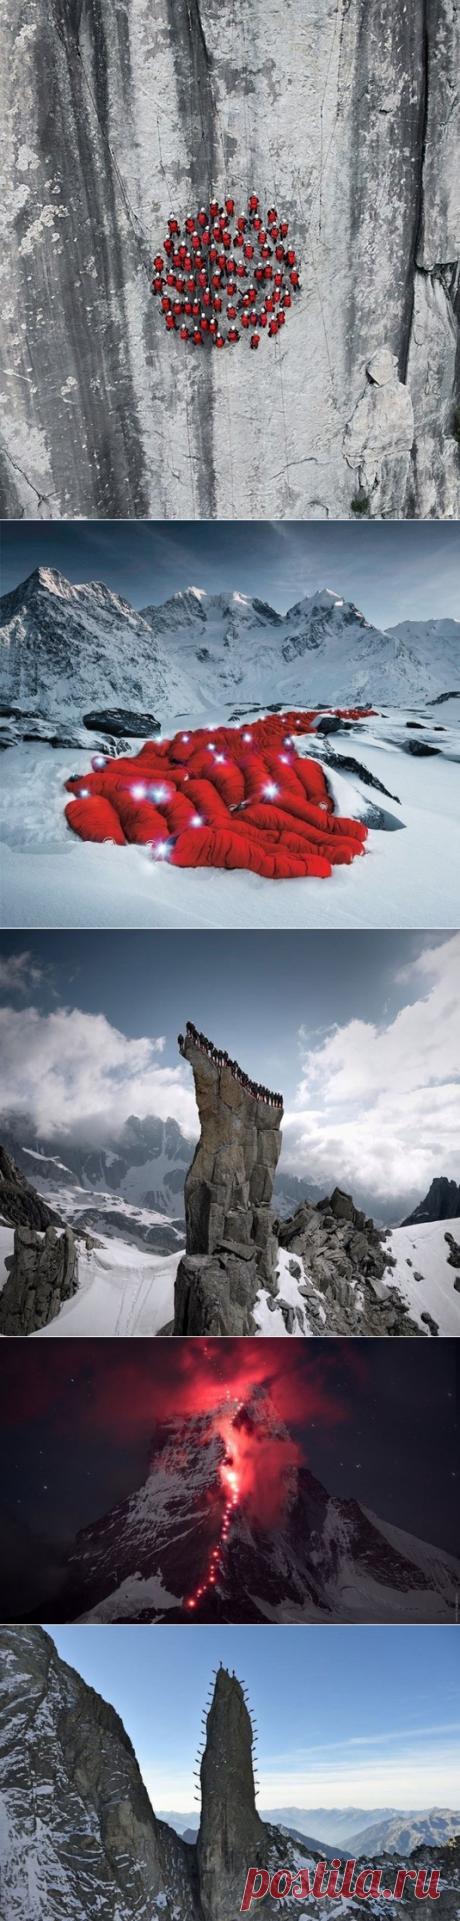 Сотни альпинистов поднялись на Альпы для нереально крутых фотографий - Путешествуем вместе